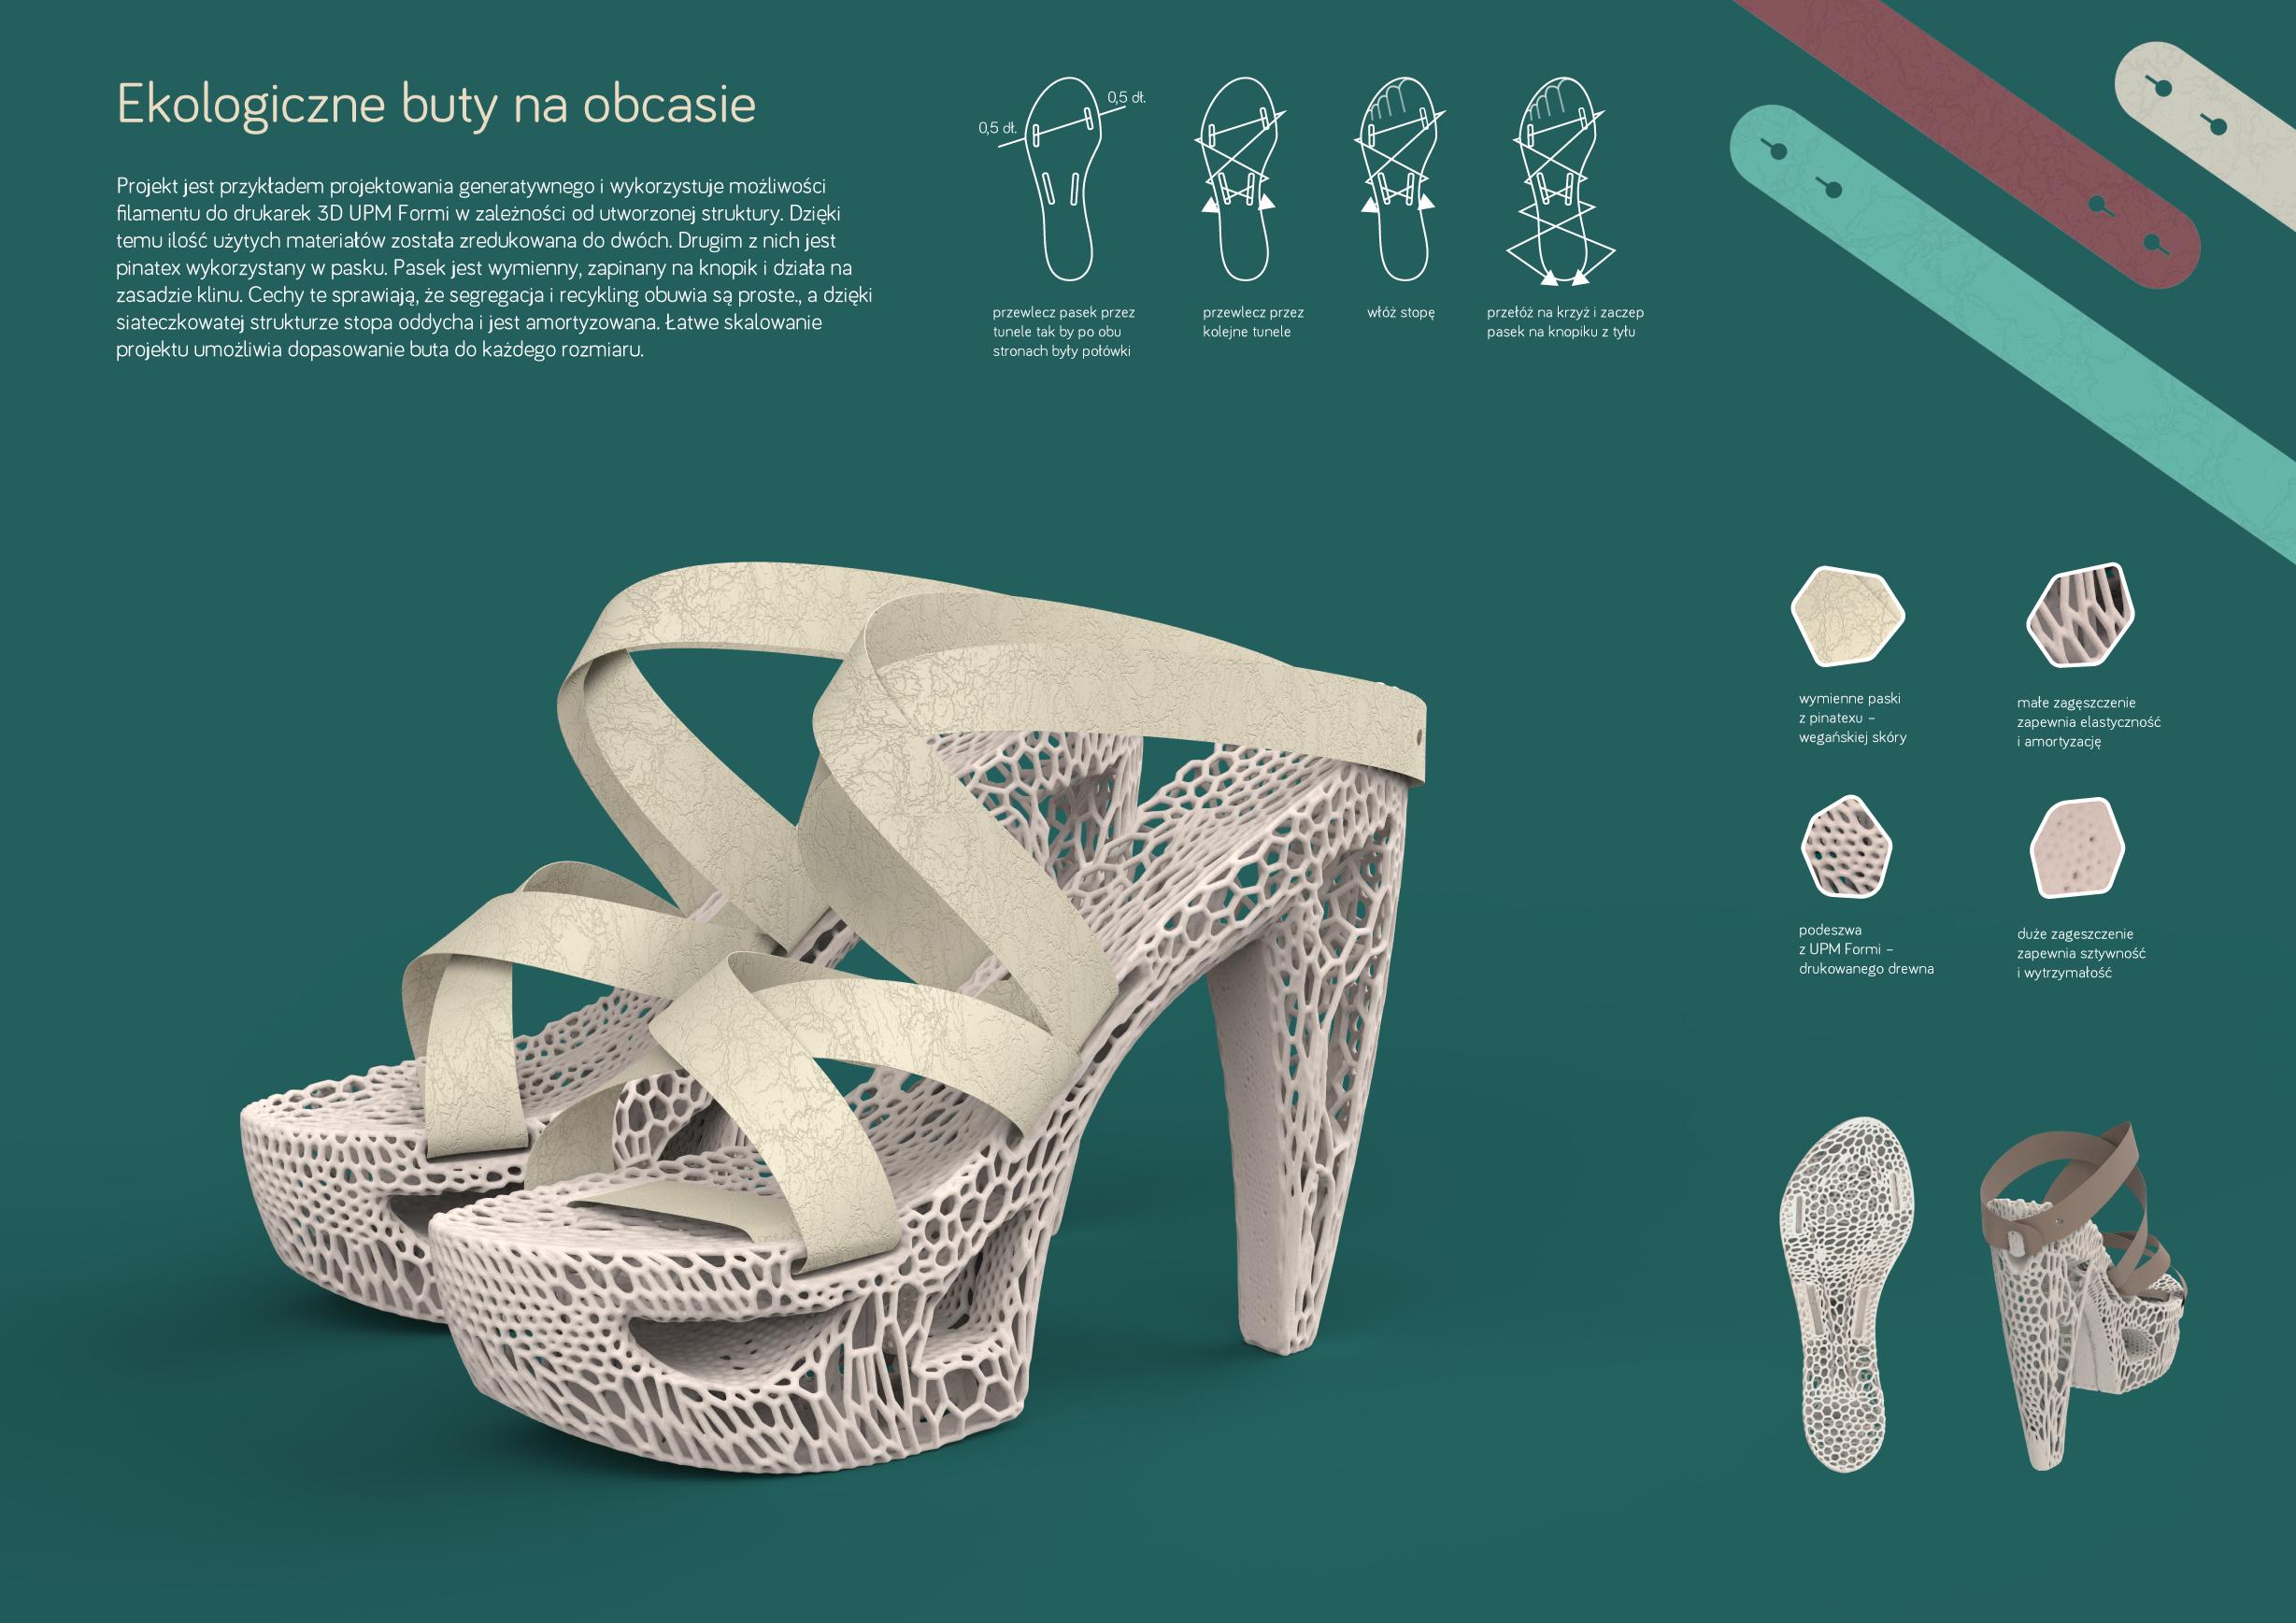 Ekologiczne buty na obcasie